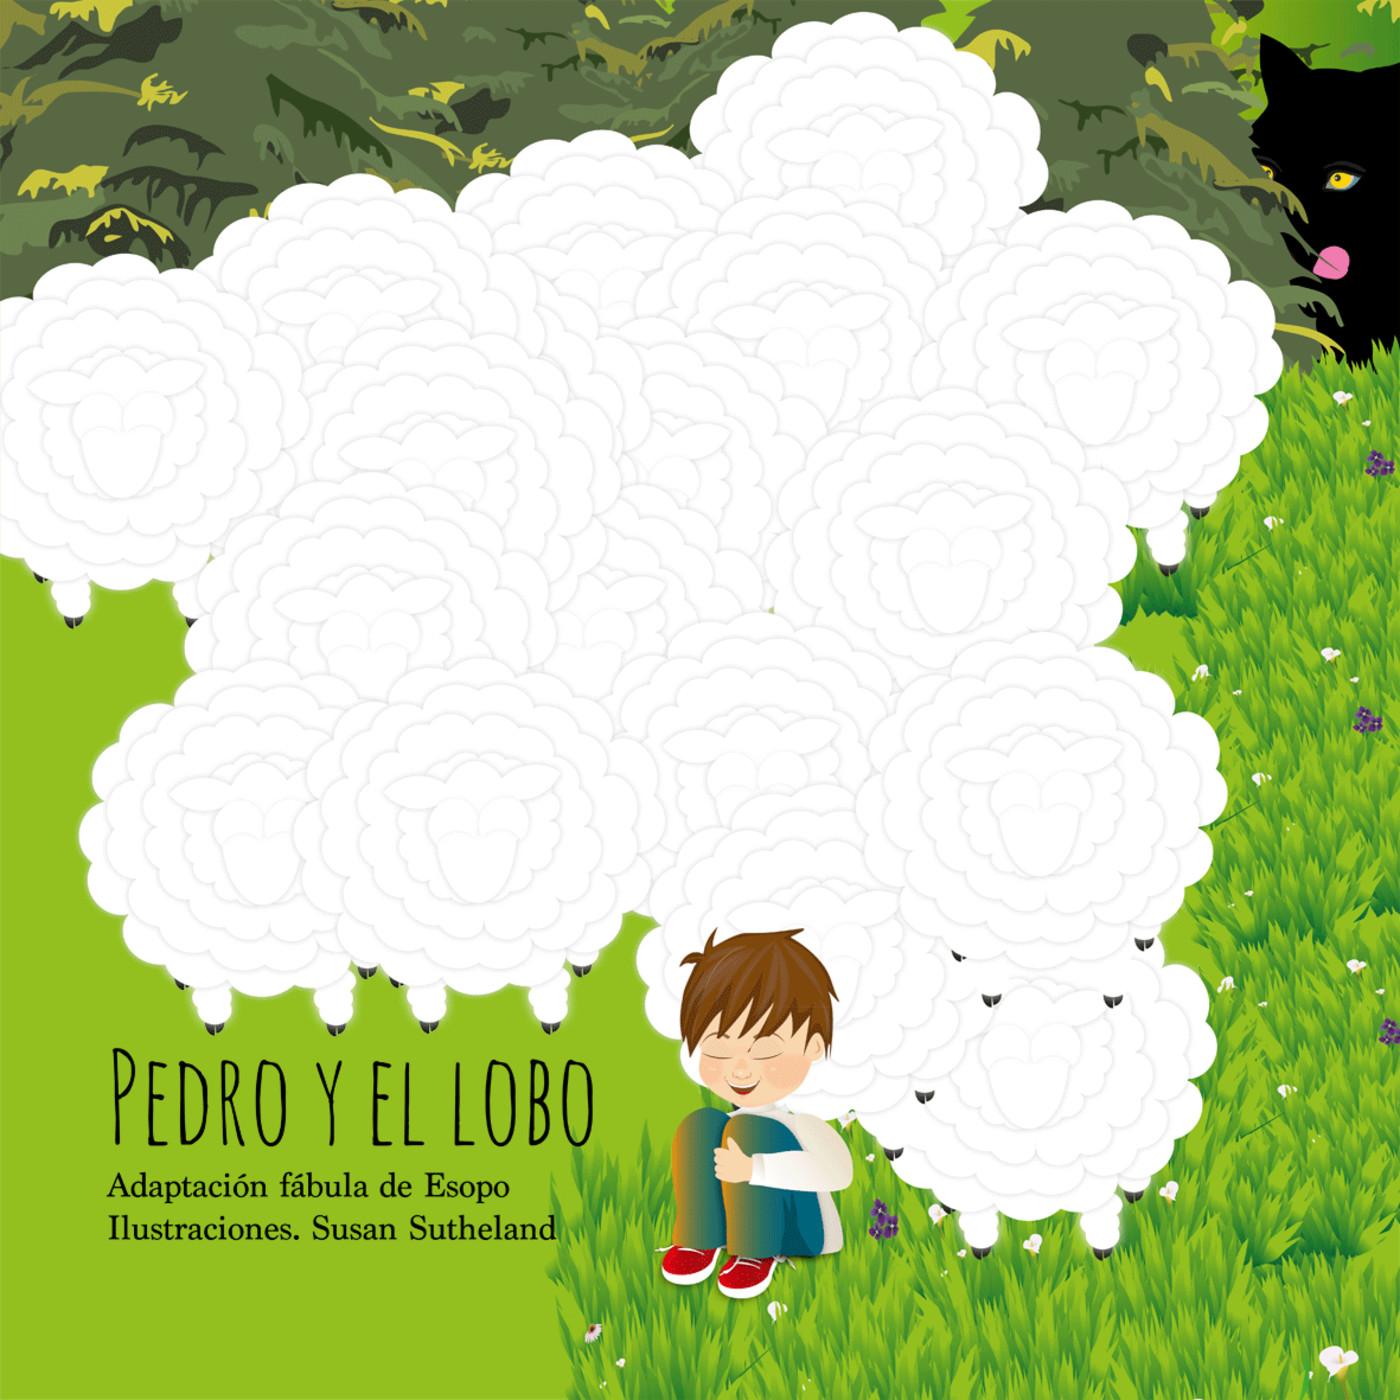 Pedro y el lobo. Adaptación fábula de Esopo